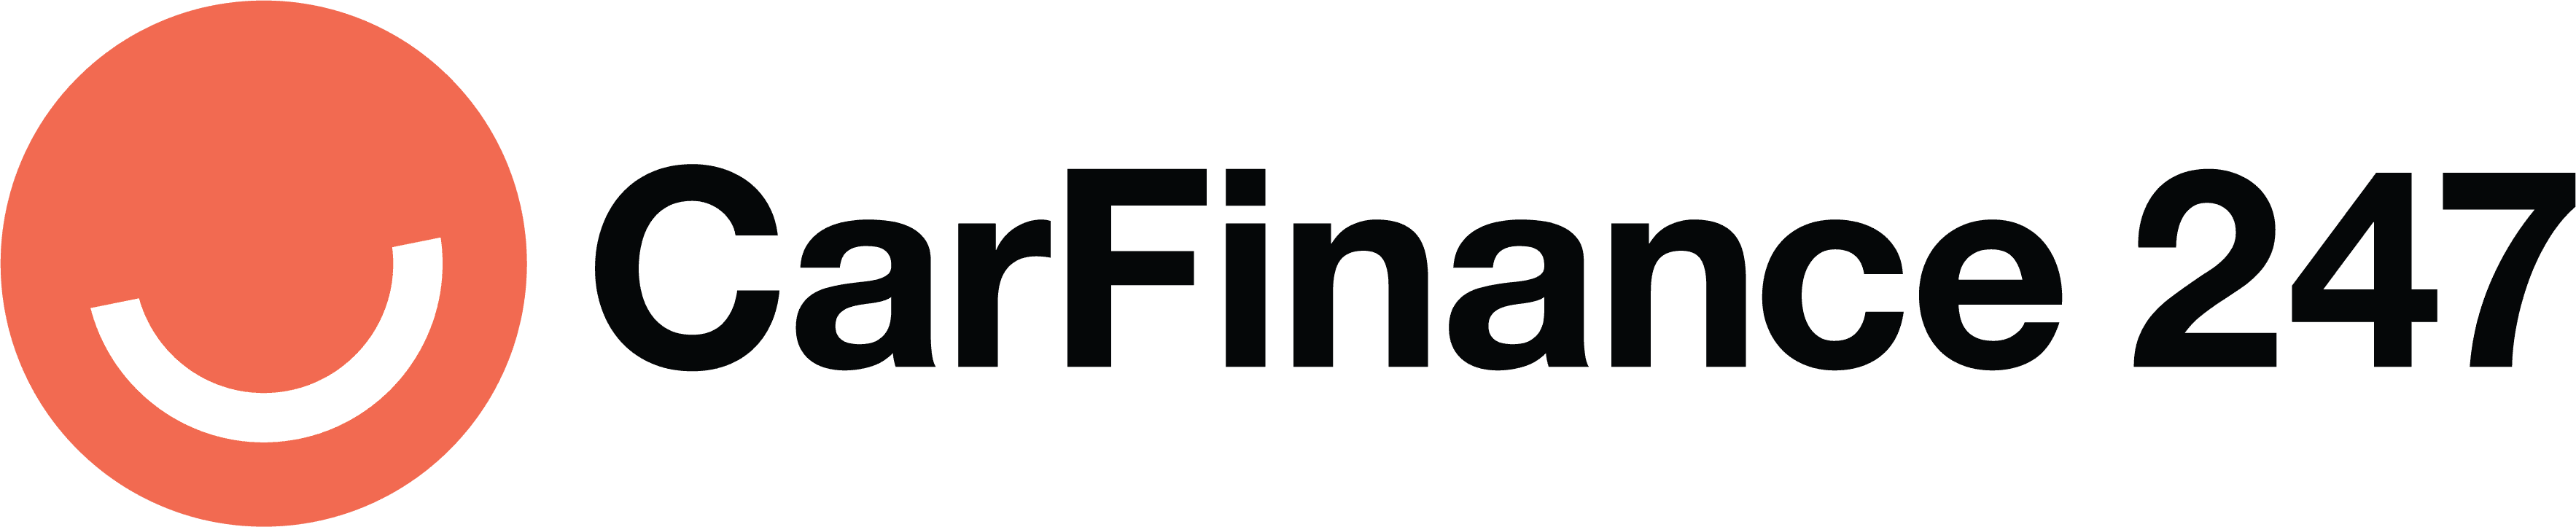 car-finance-247 logo